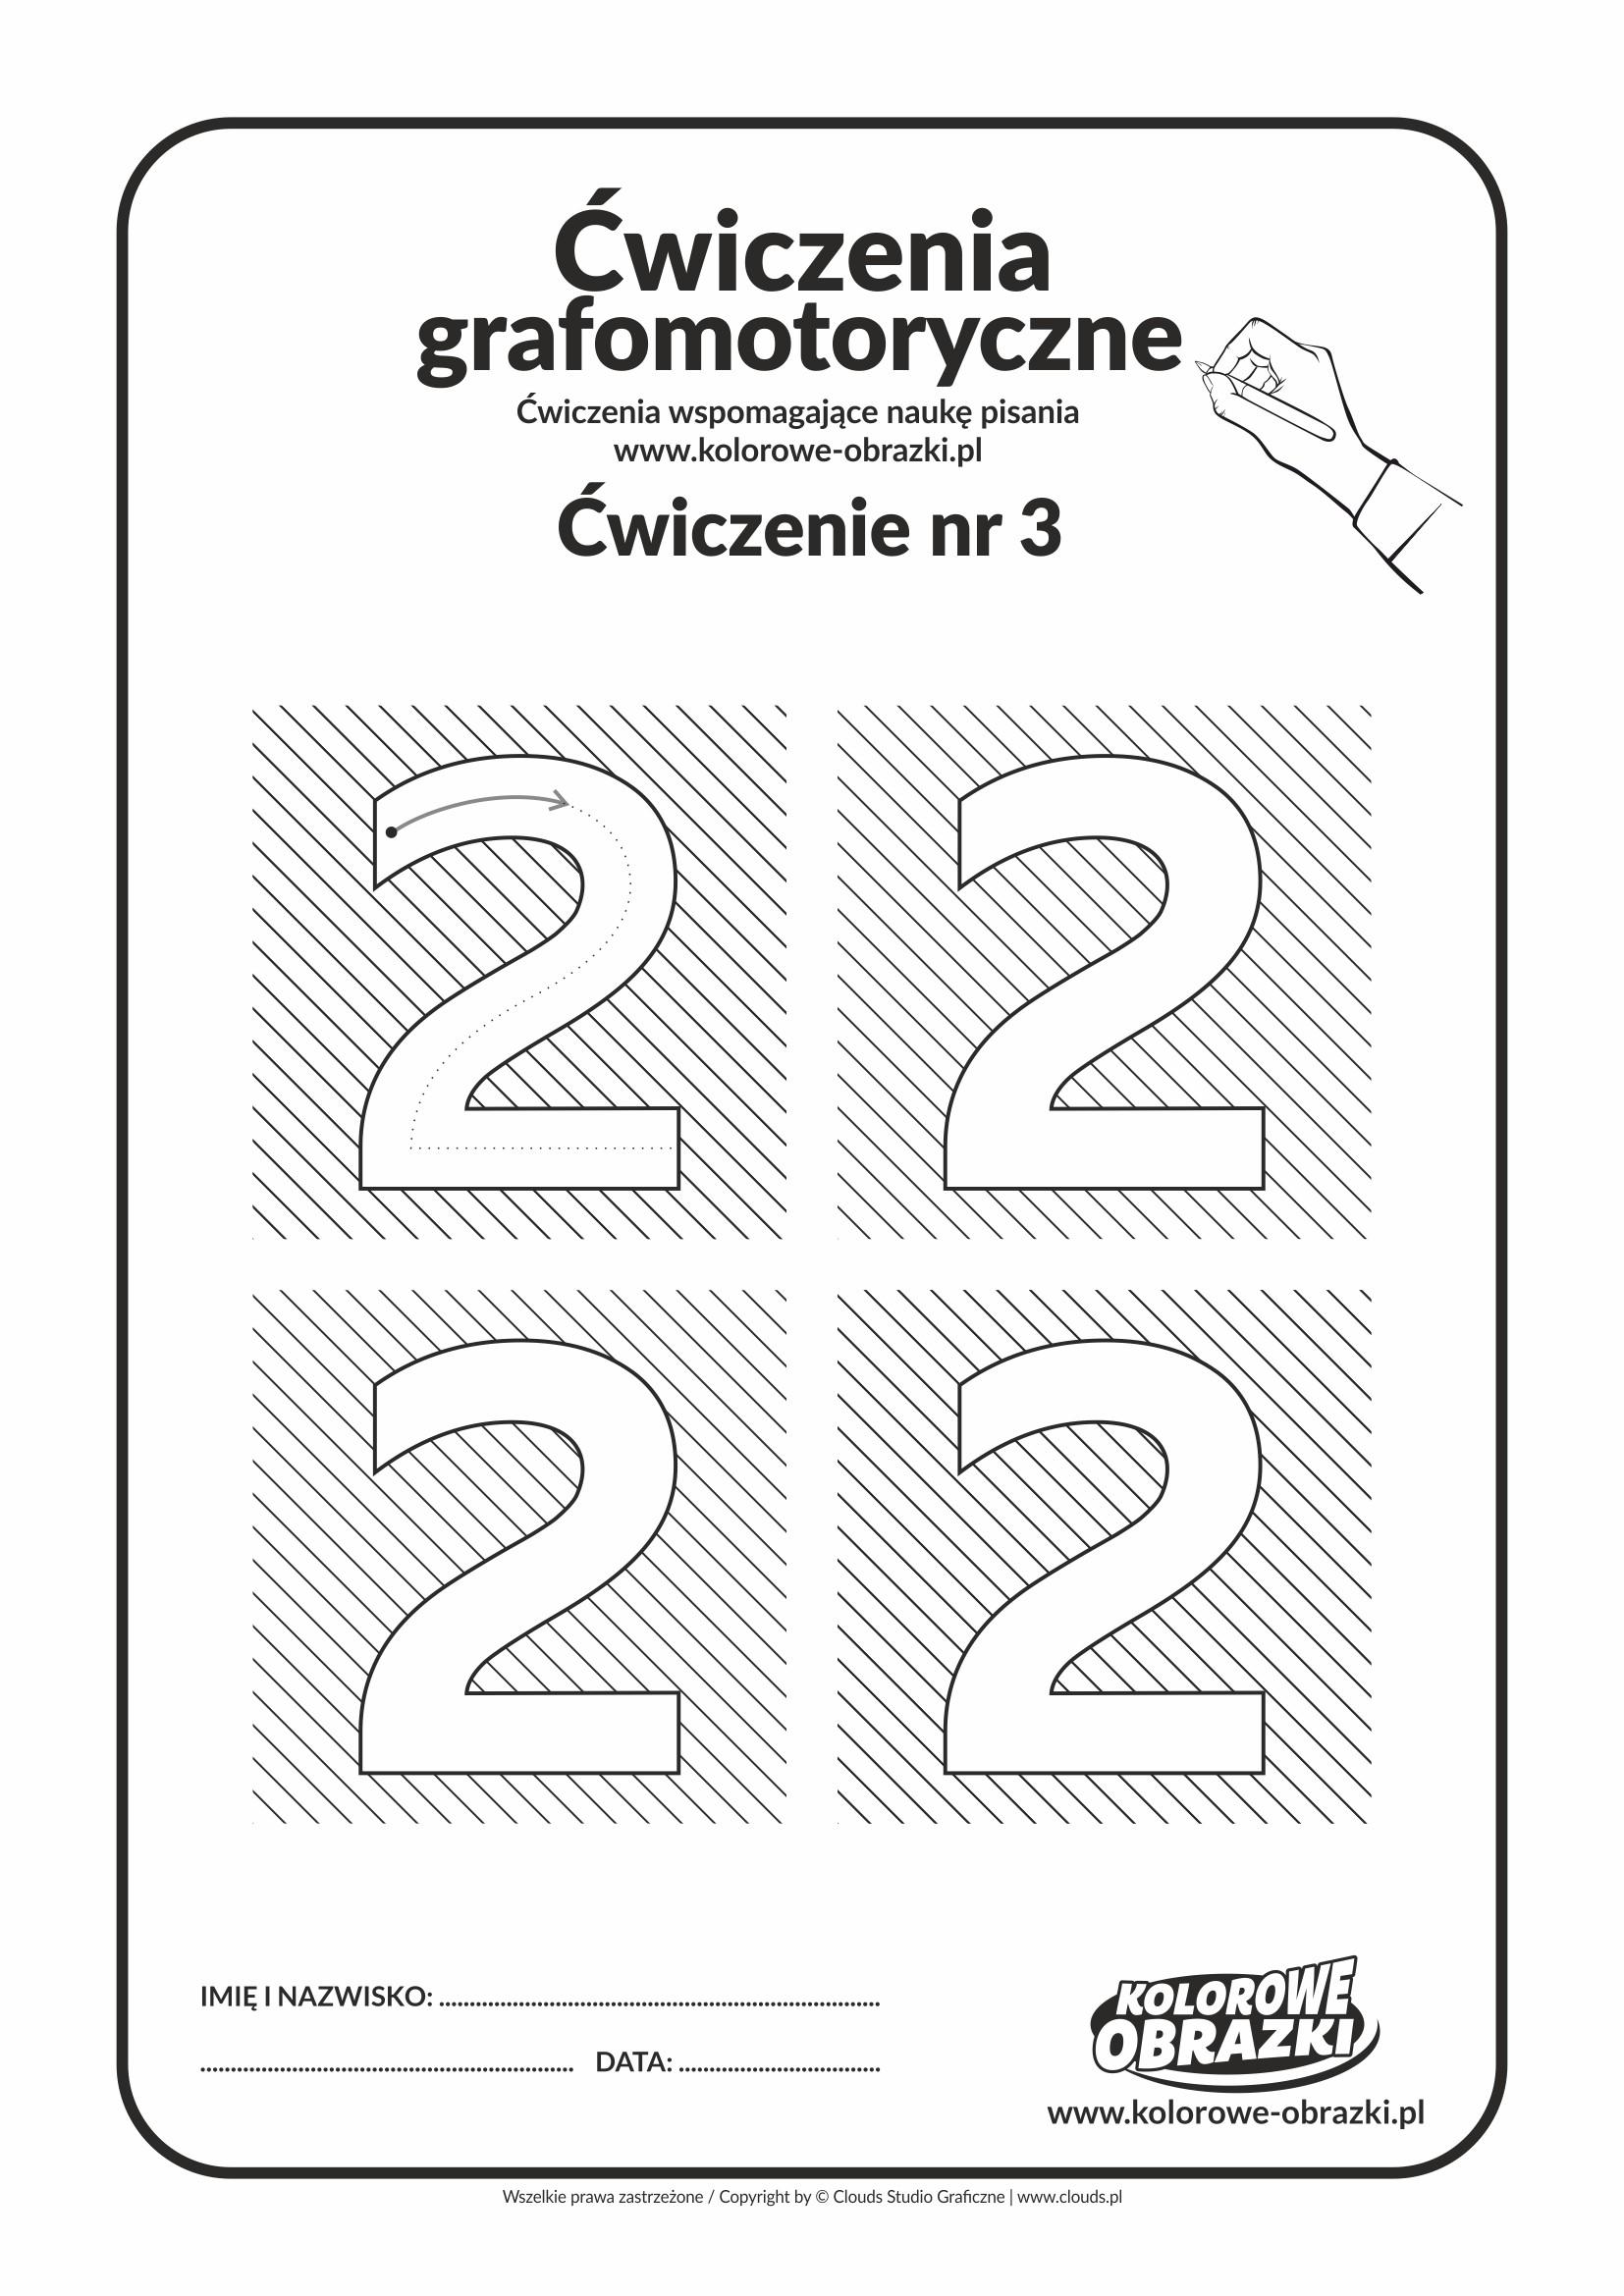 Ćwiczenia grafomotoryczne dla dzieci - Cyfra 2